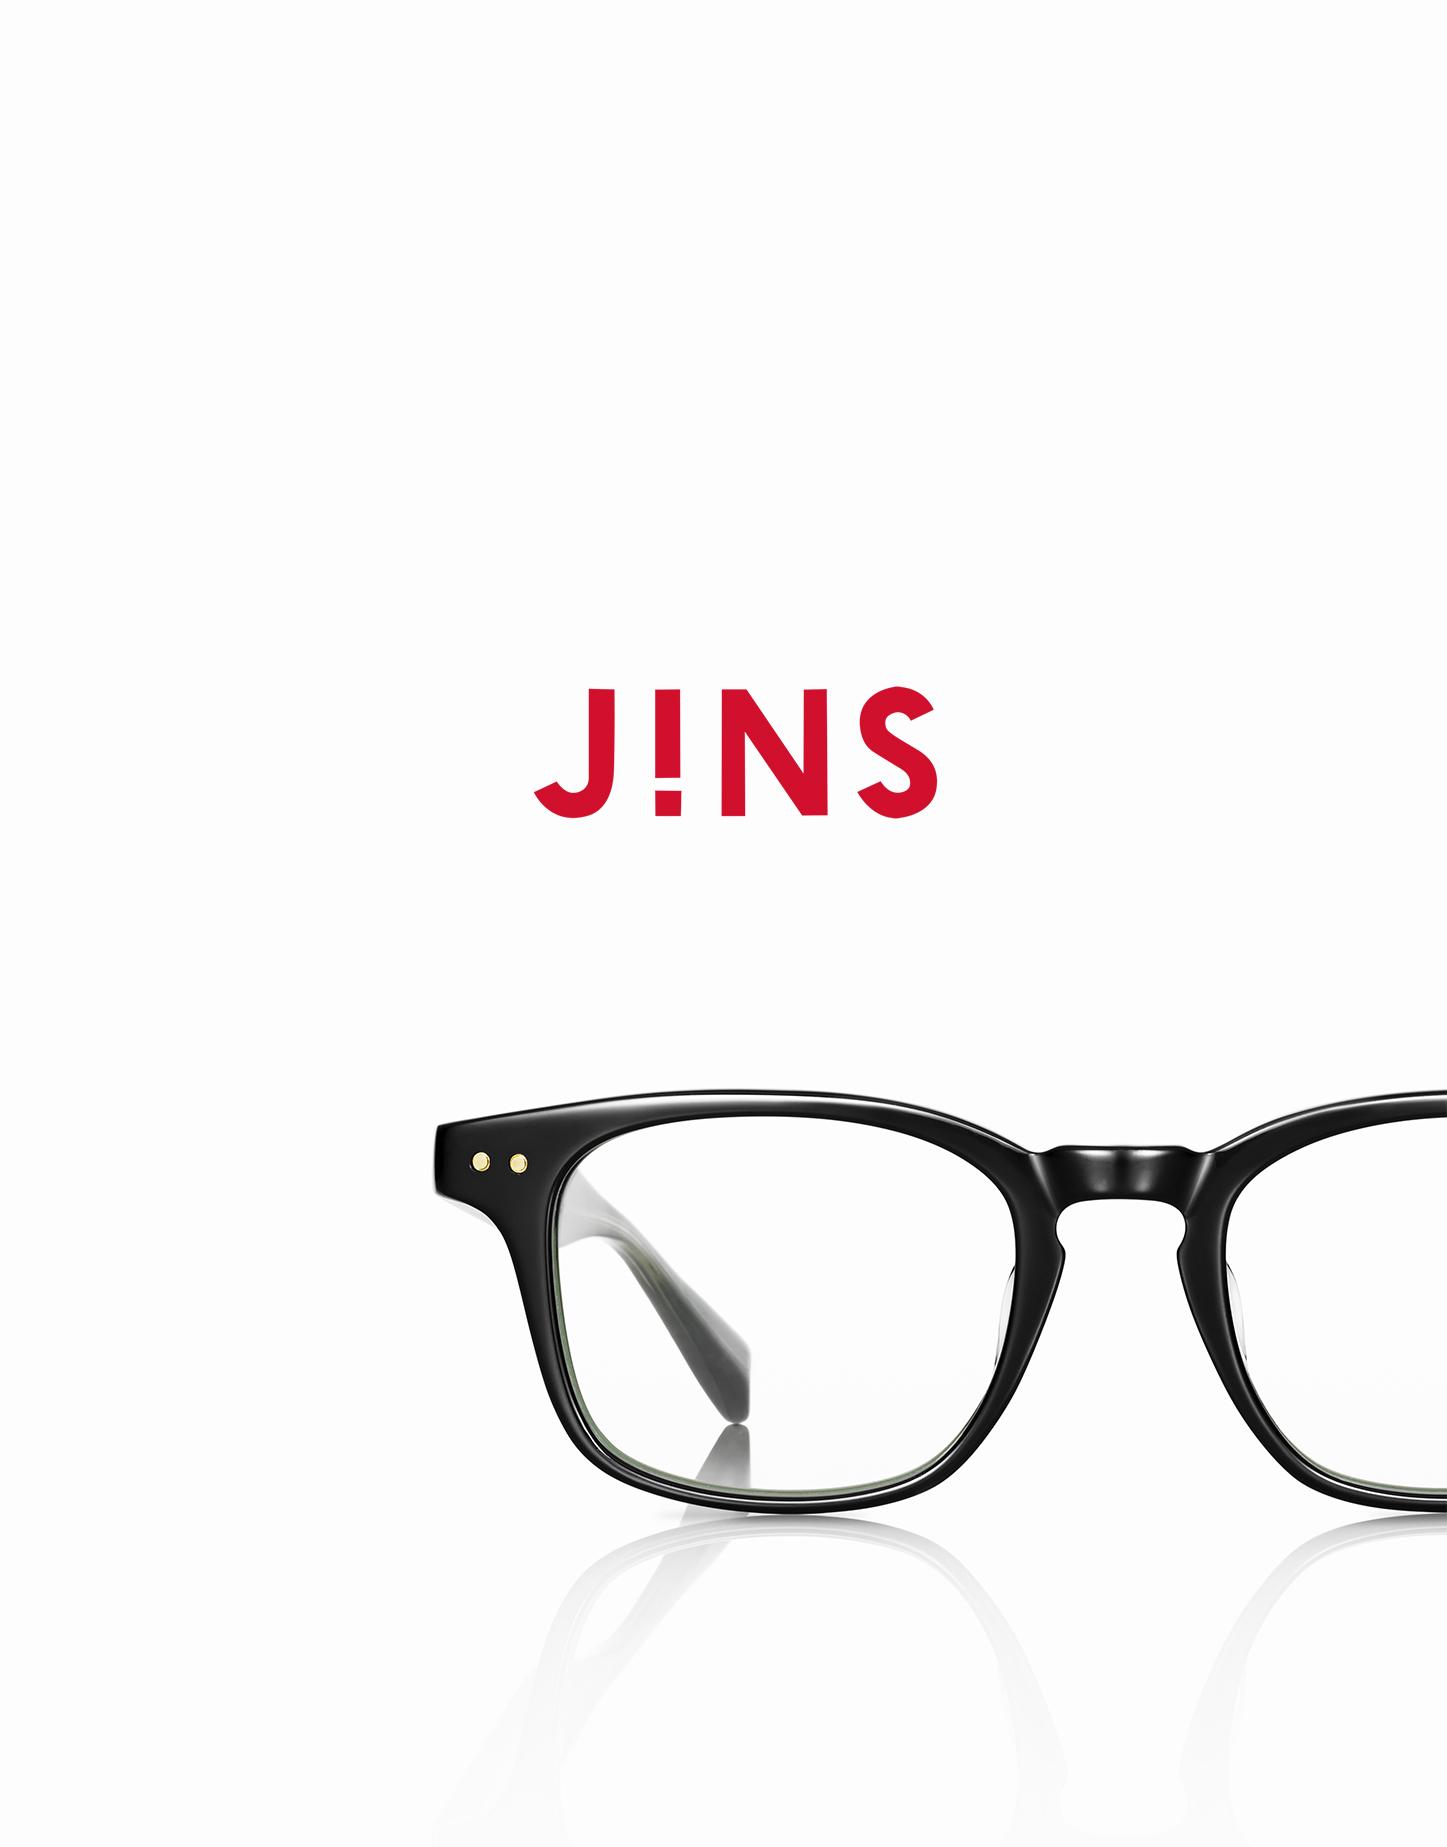 JINS_01a